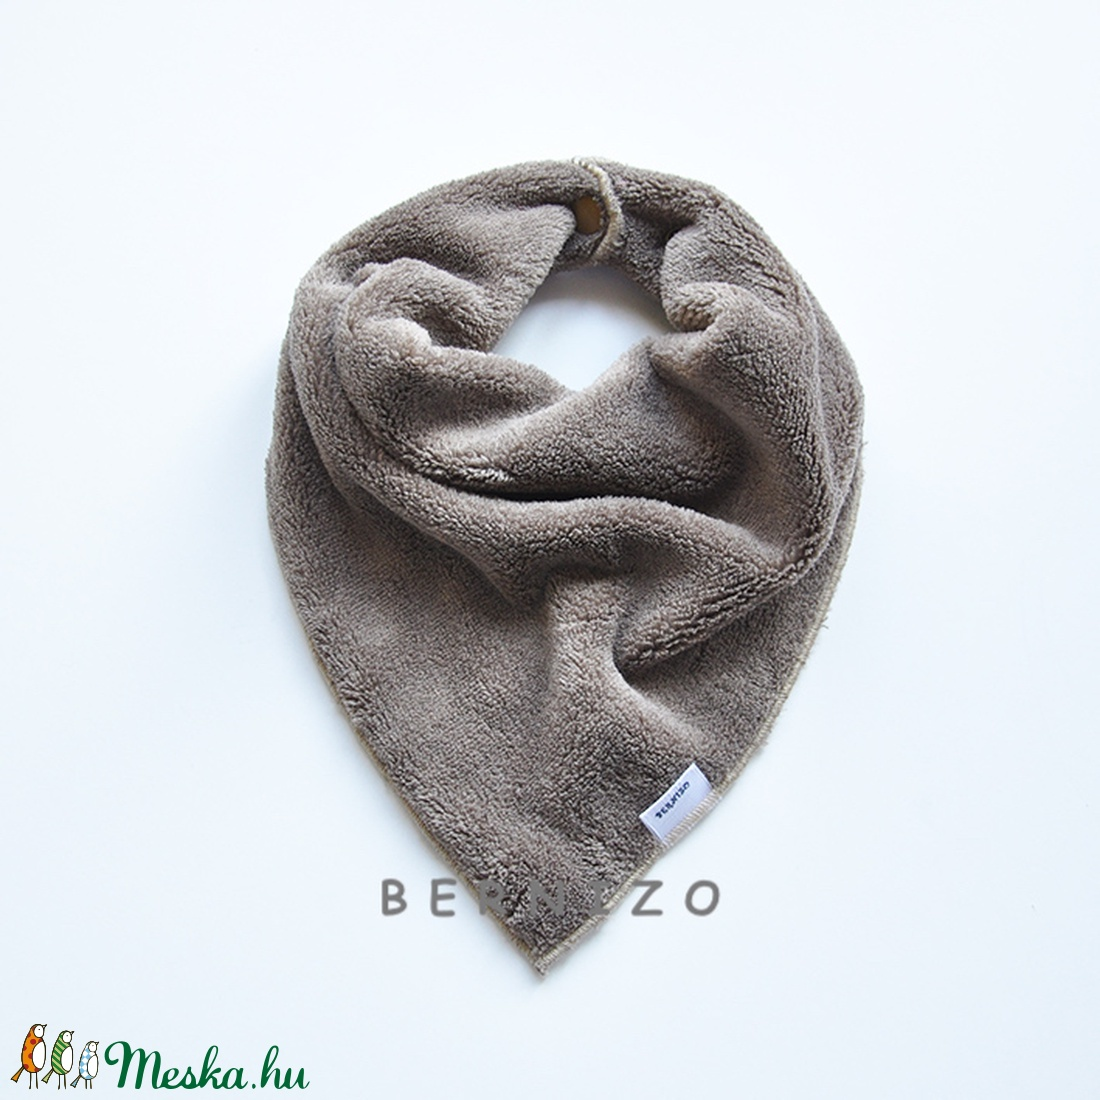 27d57f070e Barna sálkendő/babakendő (Bernizo) - Meska.hu